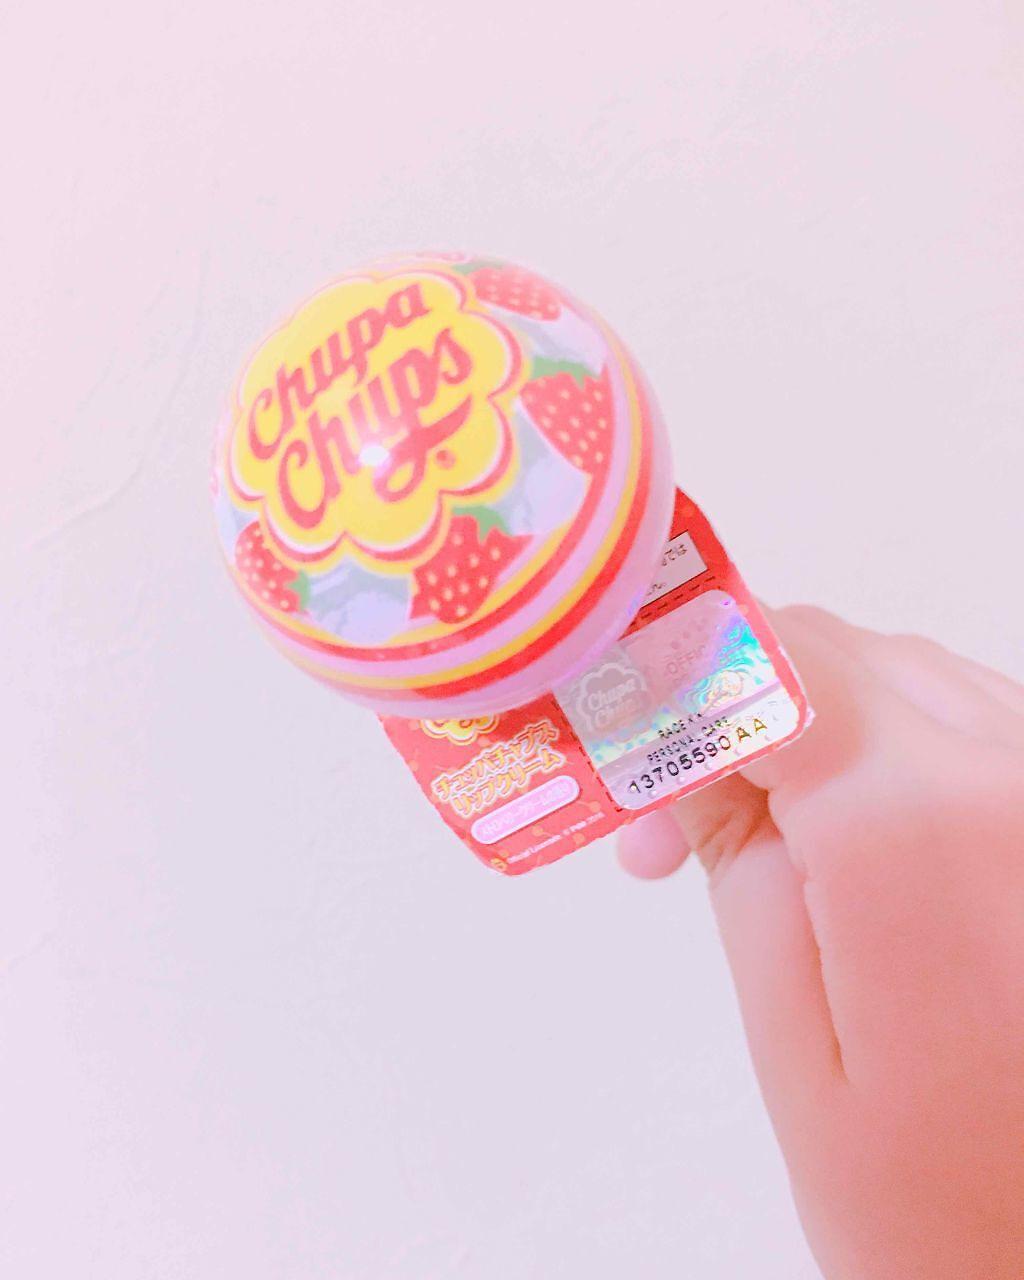 キスミー チュッパチャプスのチュッパチャプス リップクリーム